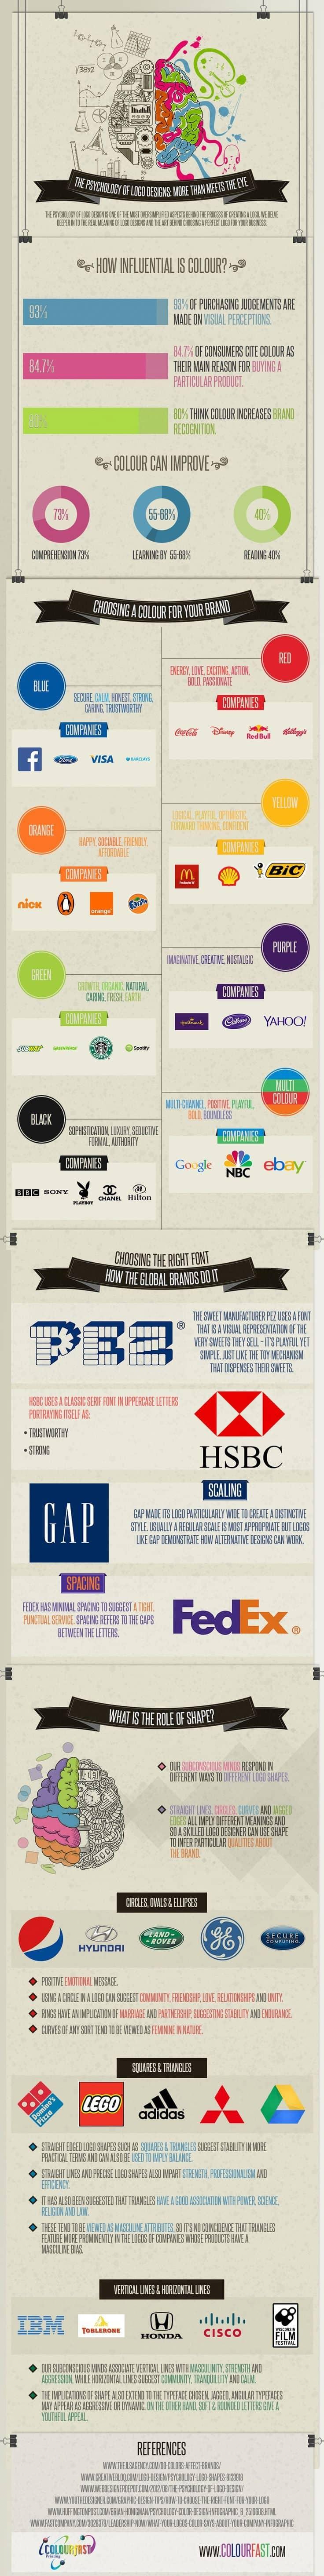 Logo Psychology How Your Colour, Font & Shape Influences People